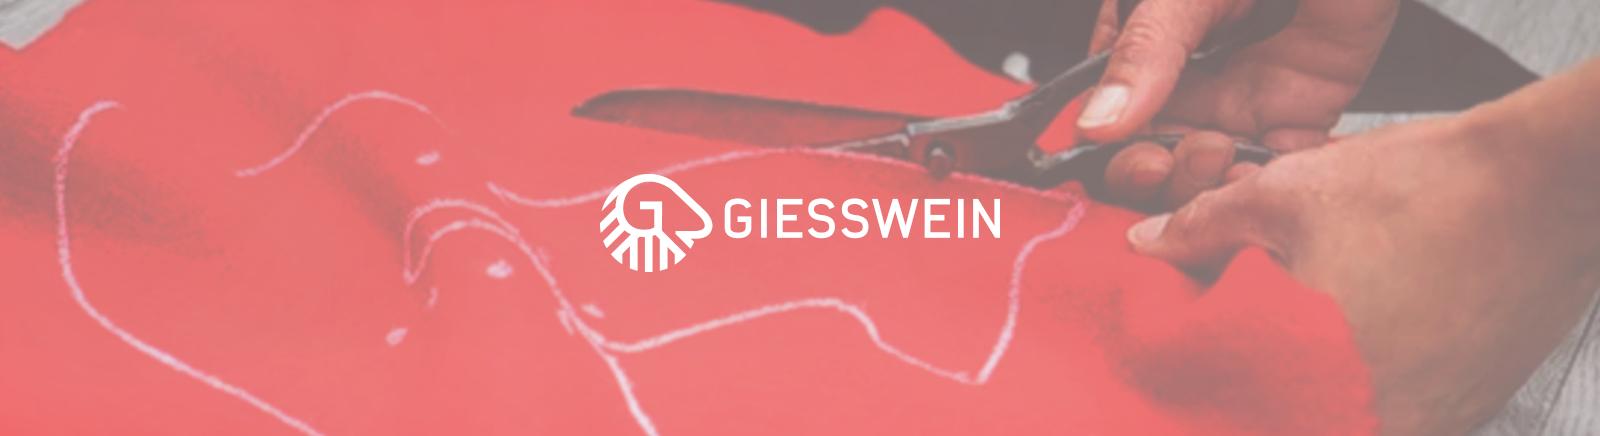 Giesswein Herrenschuhe online bestellen bei Prange Schuhe